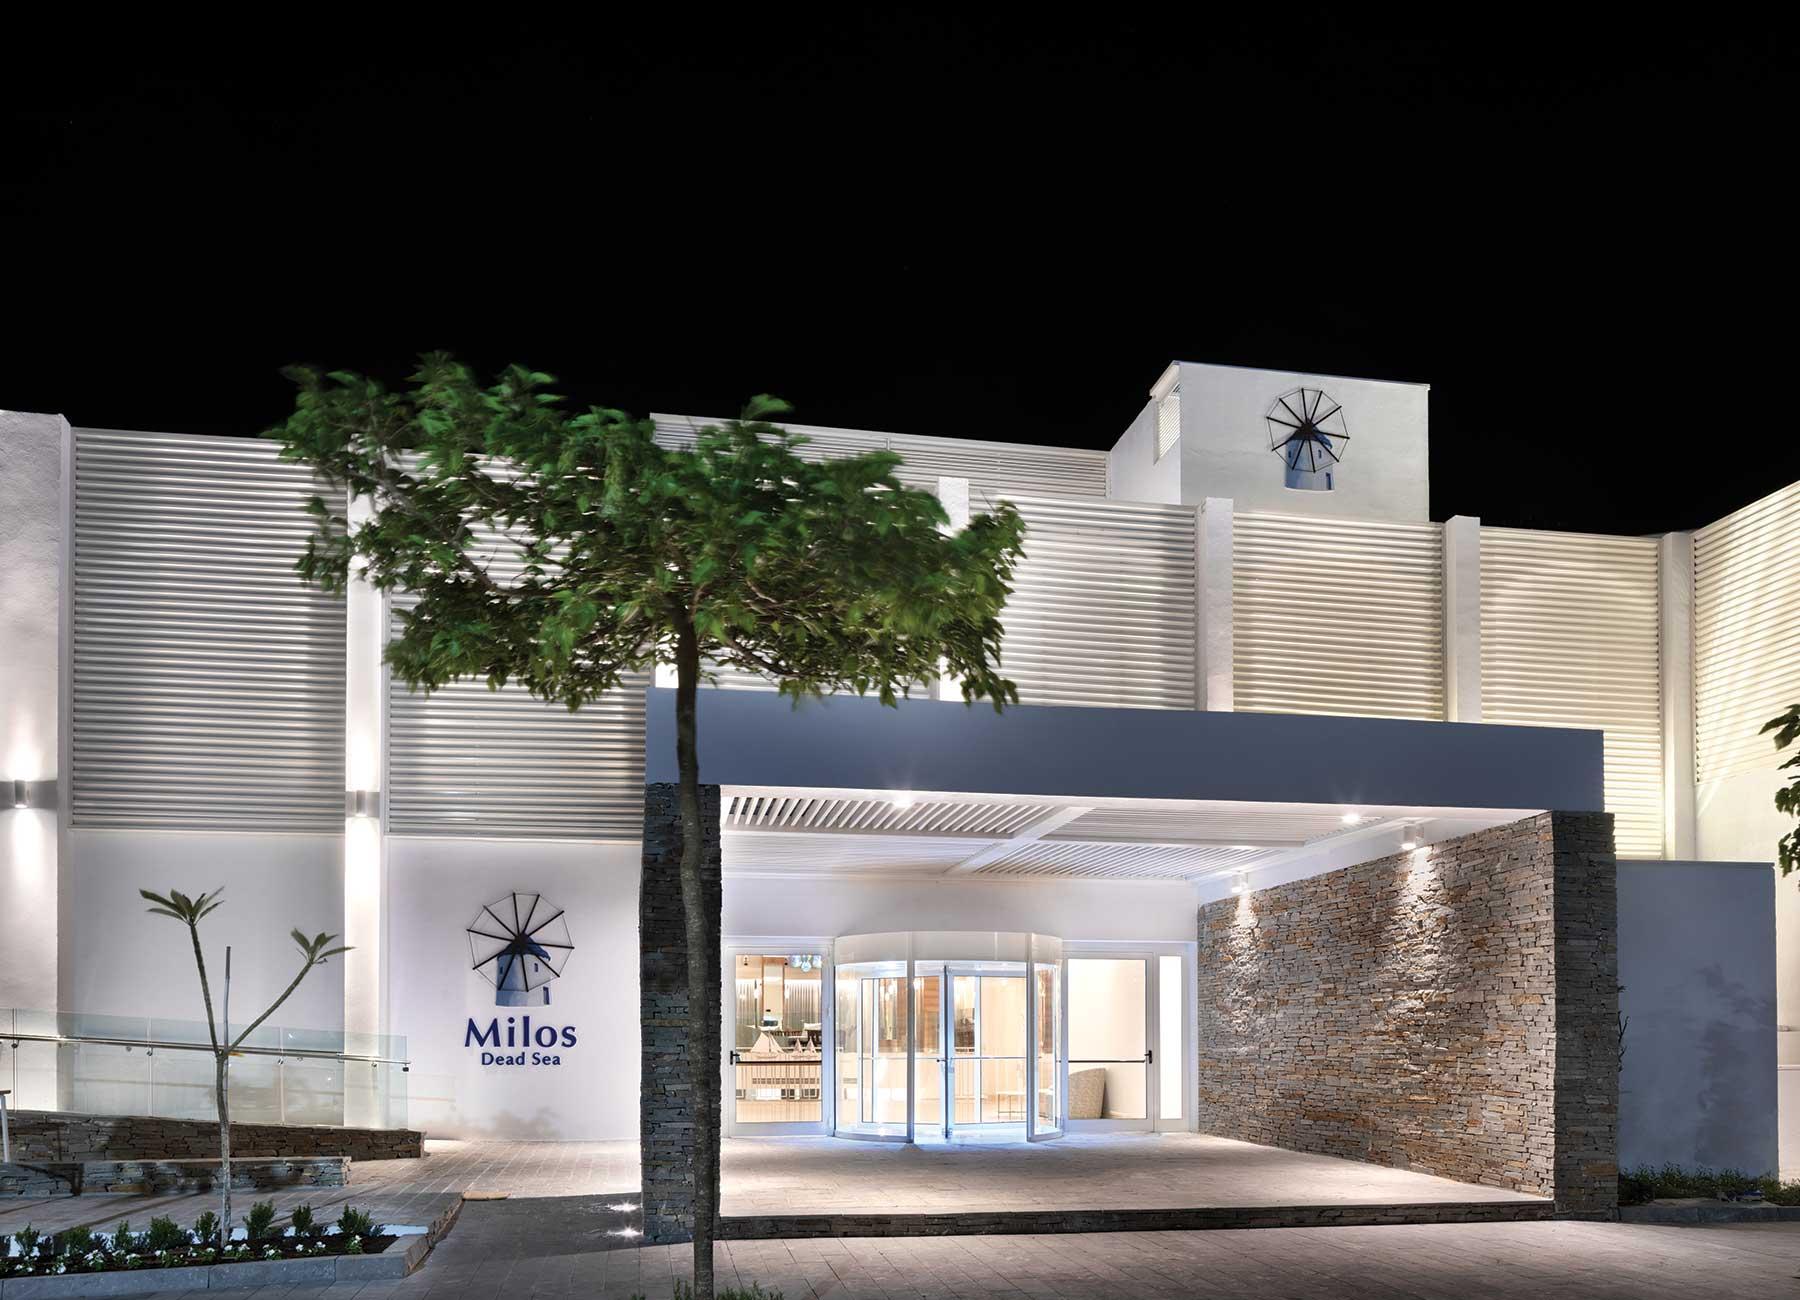 כניסה למלון מילוס ים המלח